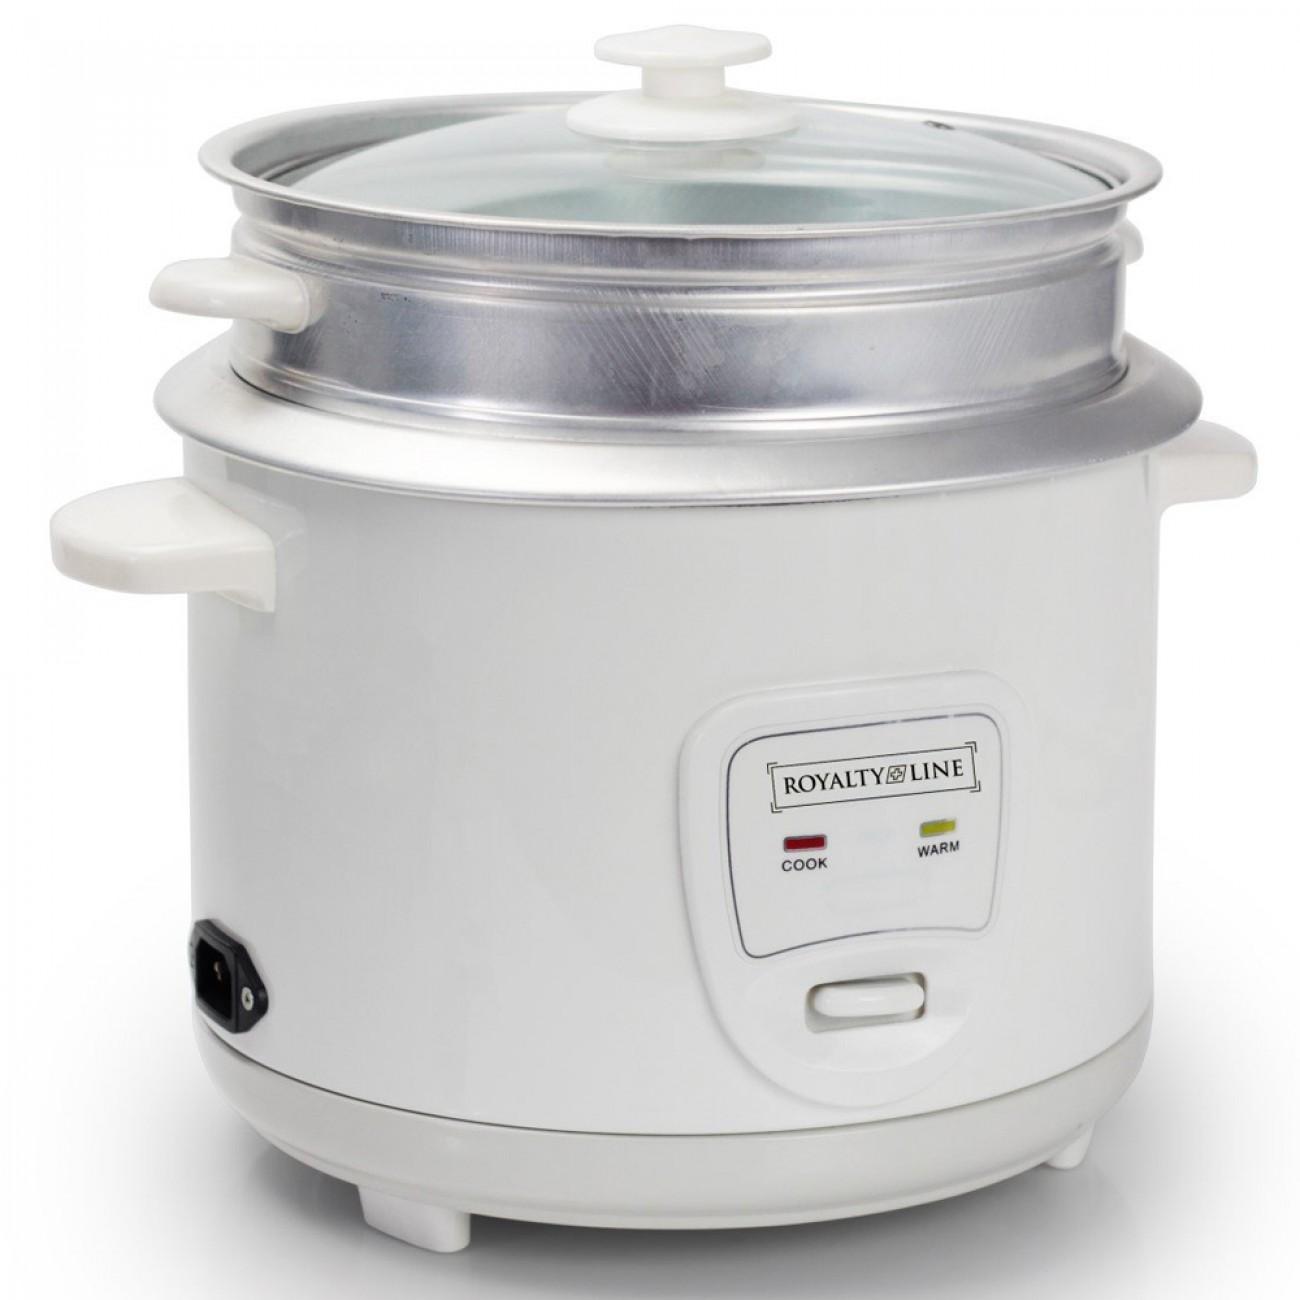 Оризоварка Royalty Line RL-RC-28.10D, 1000 W, 2.8 л (16 чаши), Поддържане на топлината, Бял в Multicooker & Уреди за готвене - ROYALTY LINE | Alleop